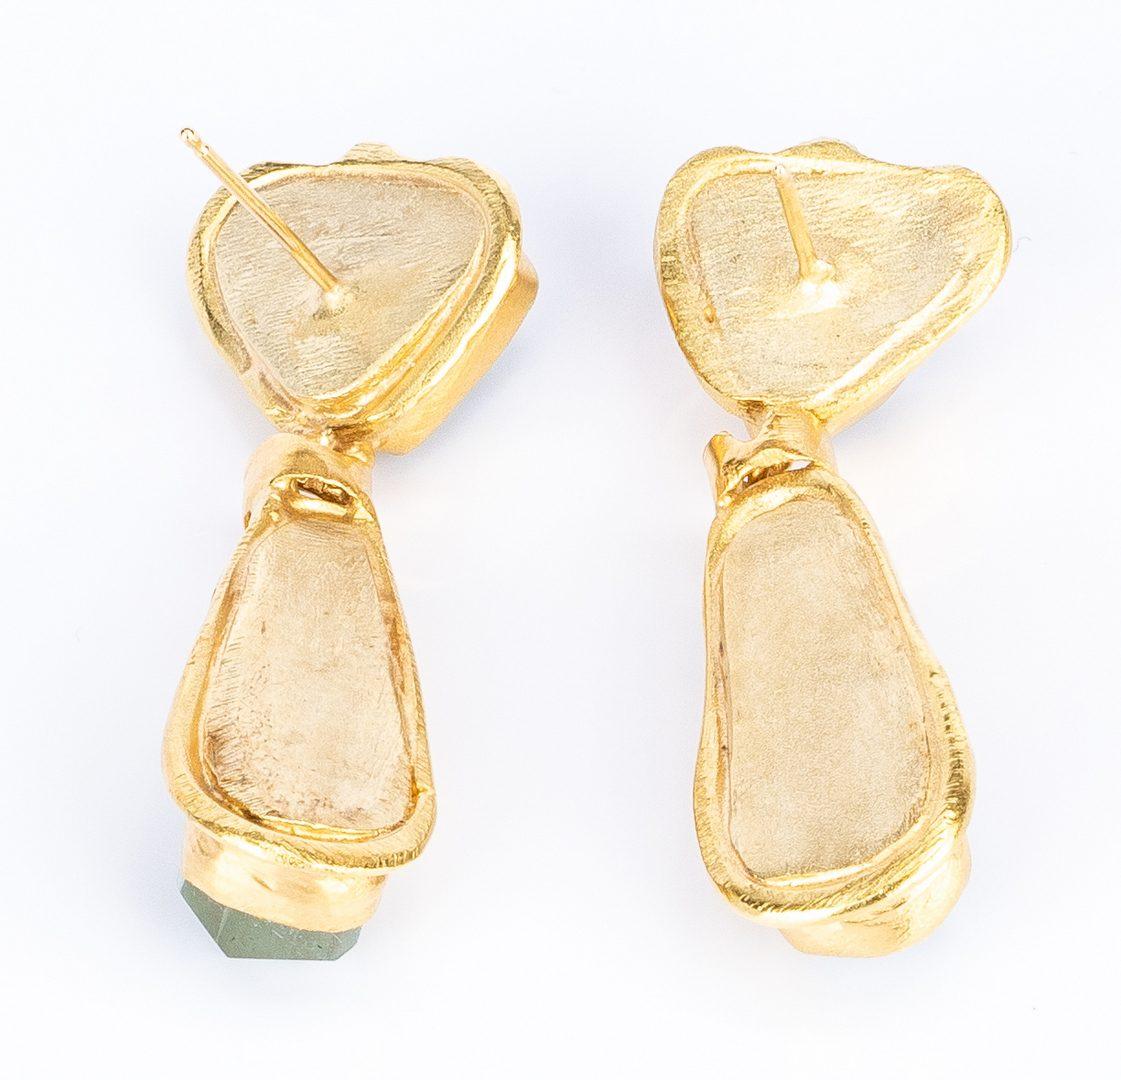 Lot 633: Pair 18K Aquamarine Pendant Earrings